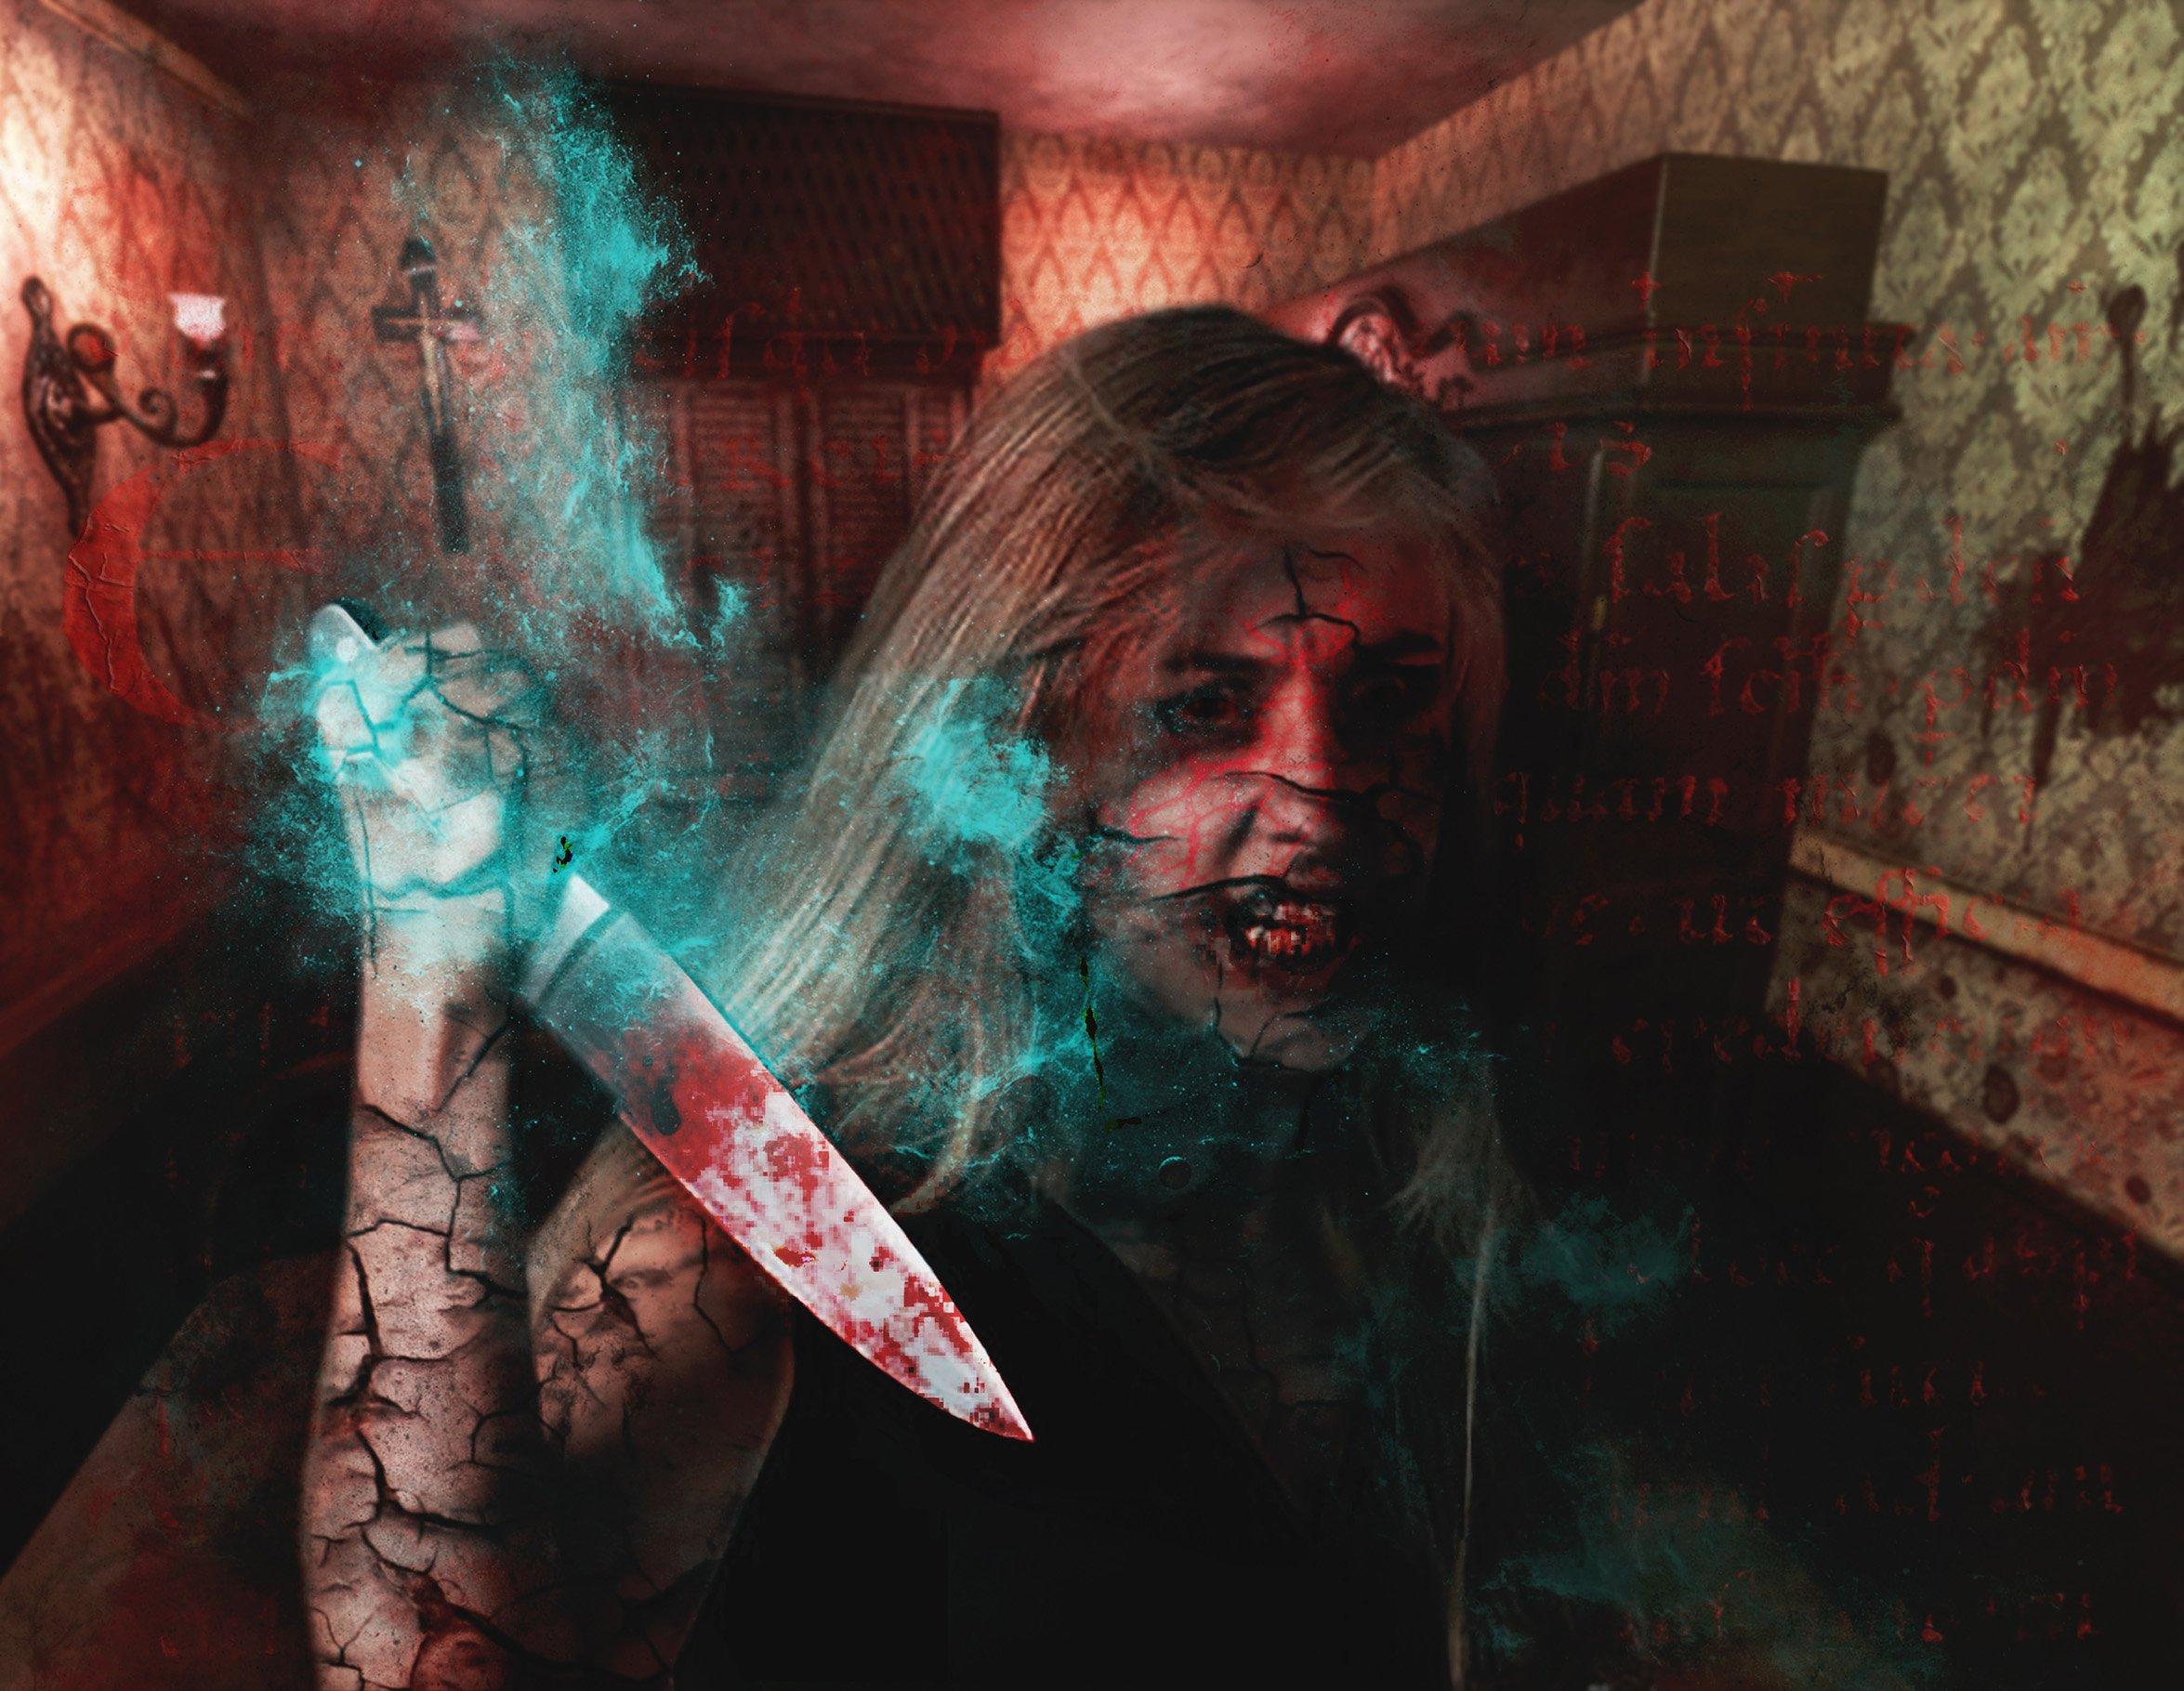 Exorcism Photoshop Action 5 - دانلود اکشن فتوشاپ جنگیری Exorcism